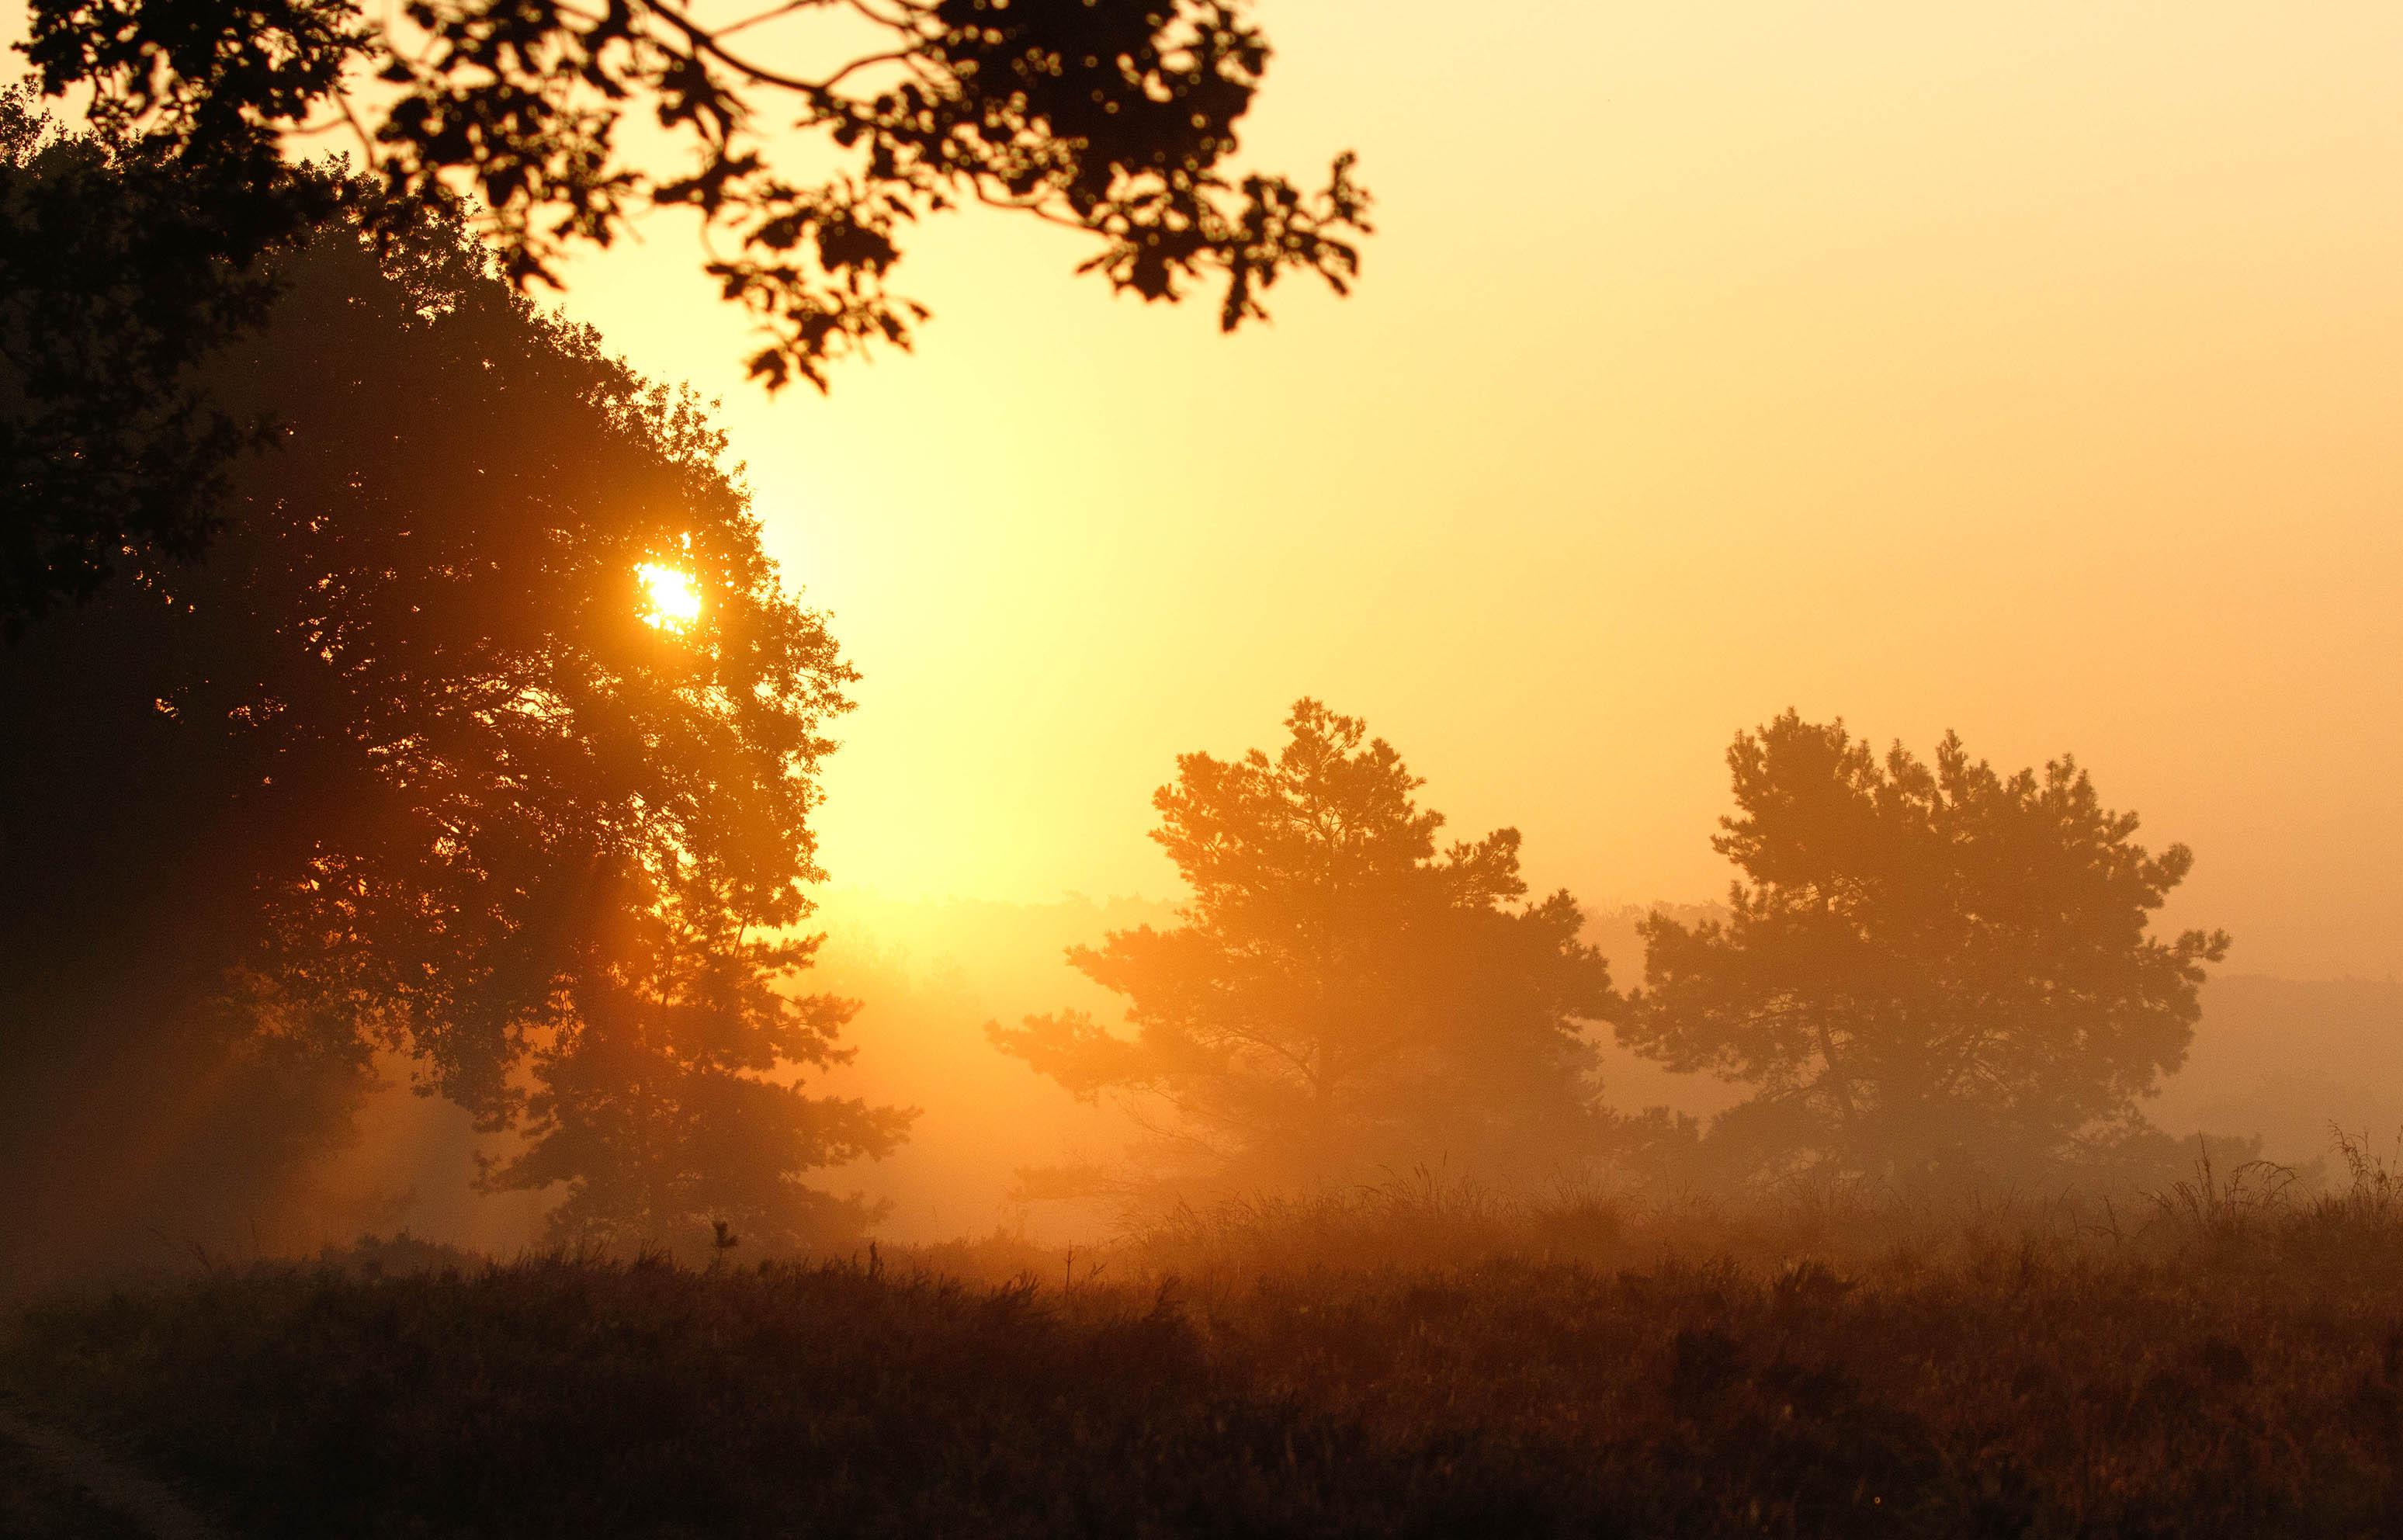 De opkomst van de zon geeft fabelachtige kleuren en mooie effecten - Foto: ©